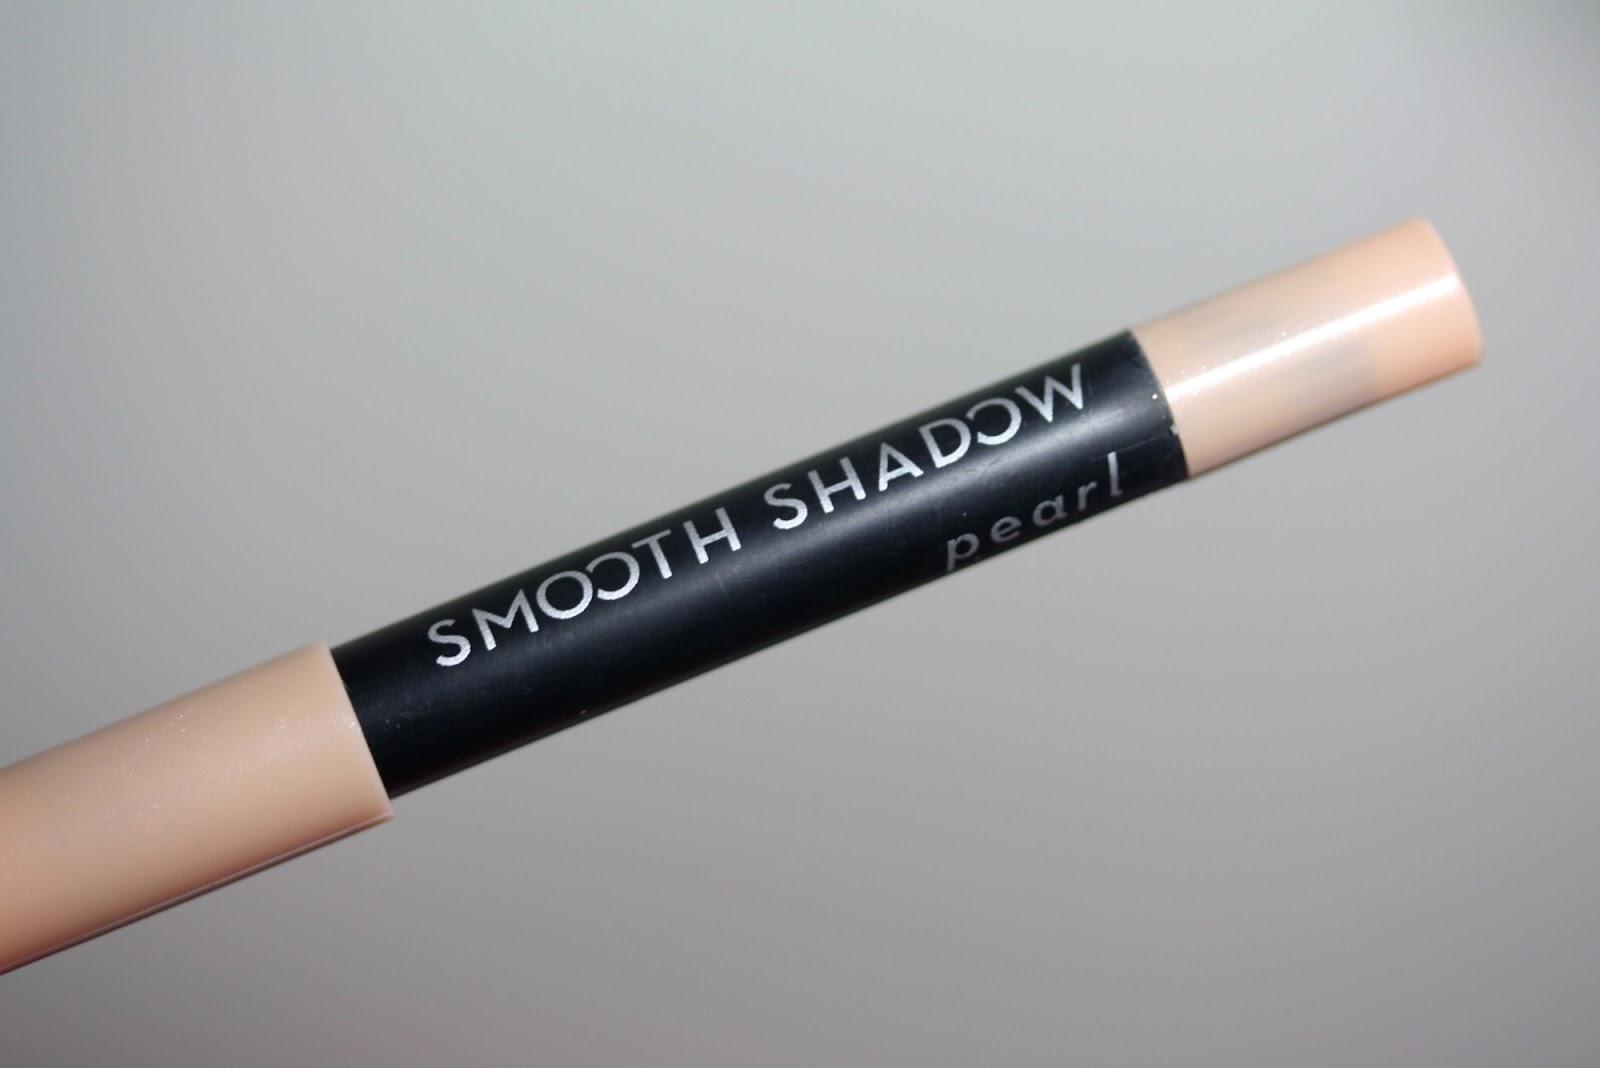 Ipsy Glam Bag January 2014 - First Impressions - Elizabeth Mott Smooth Shadow Creamy Eye Pencil in Pearl | Manicurity.com